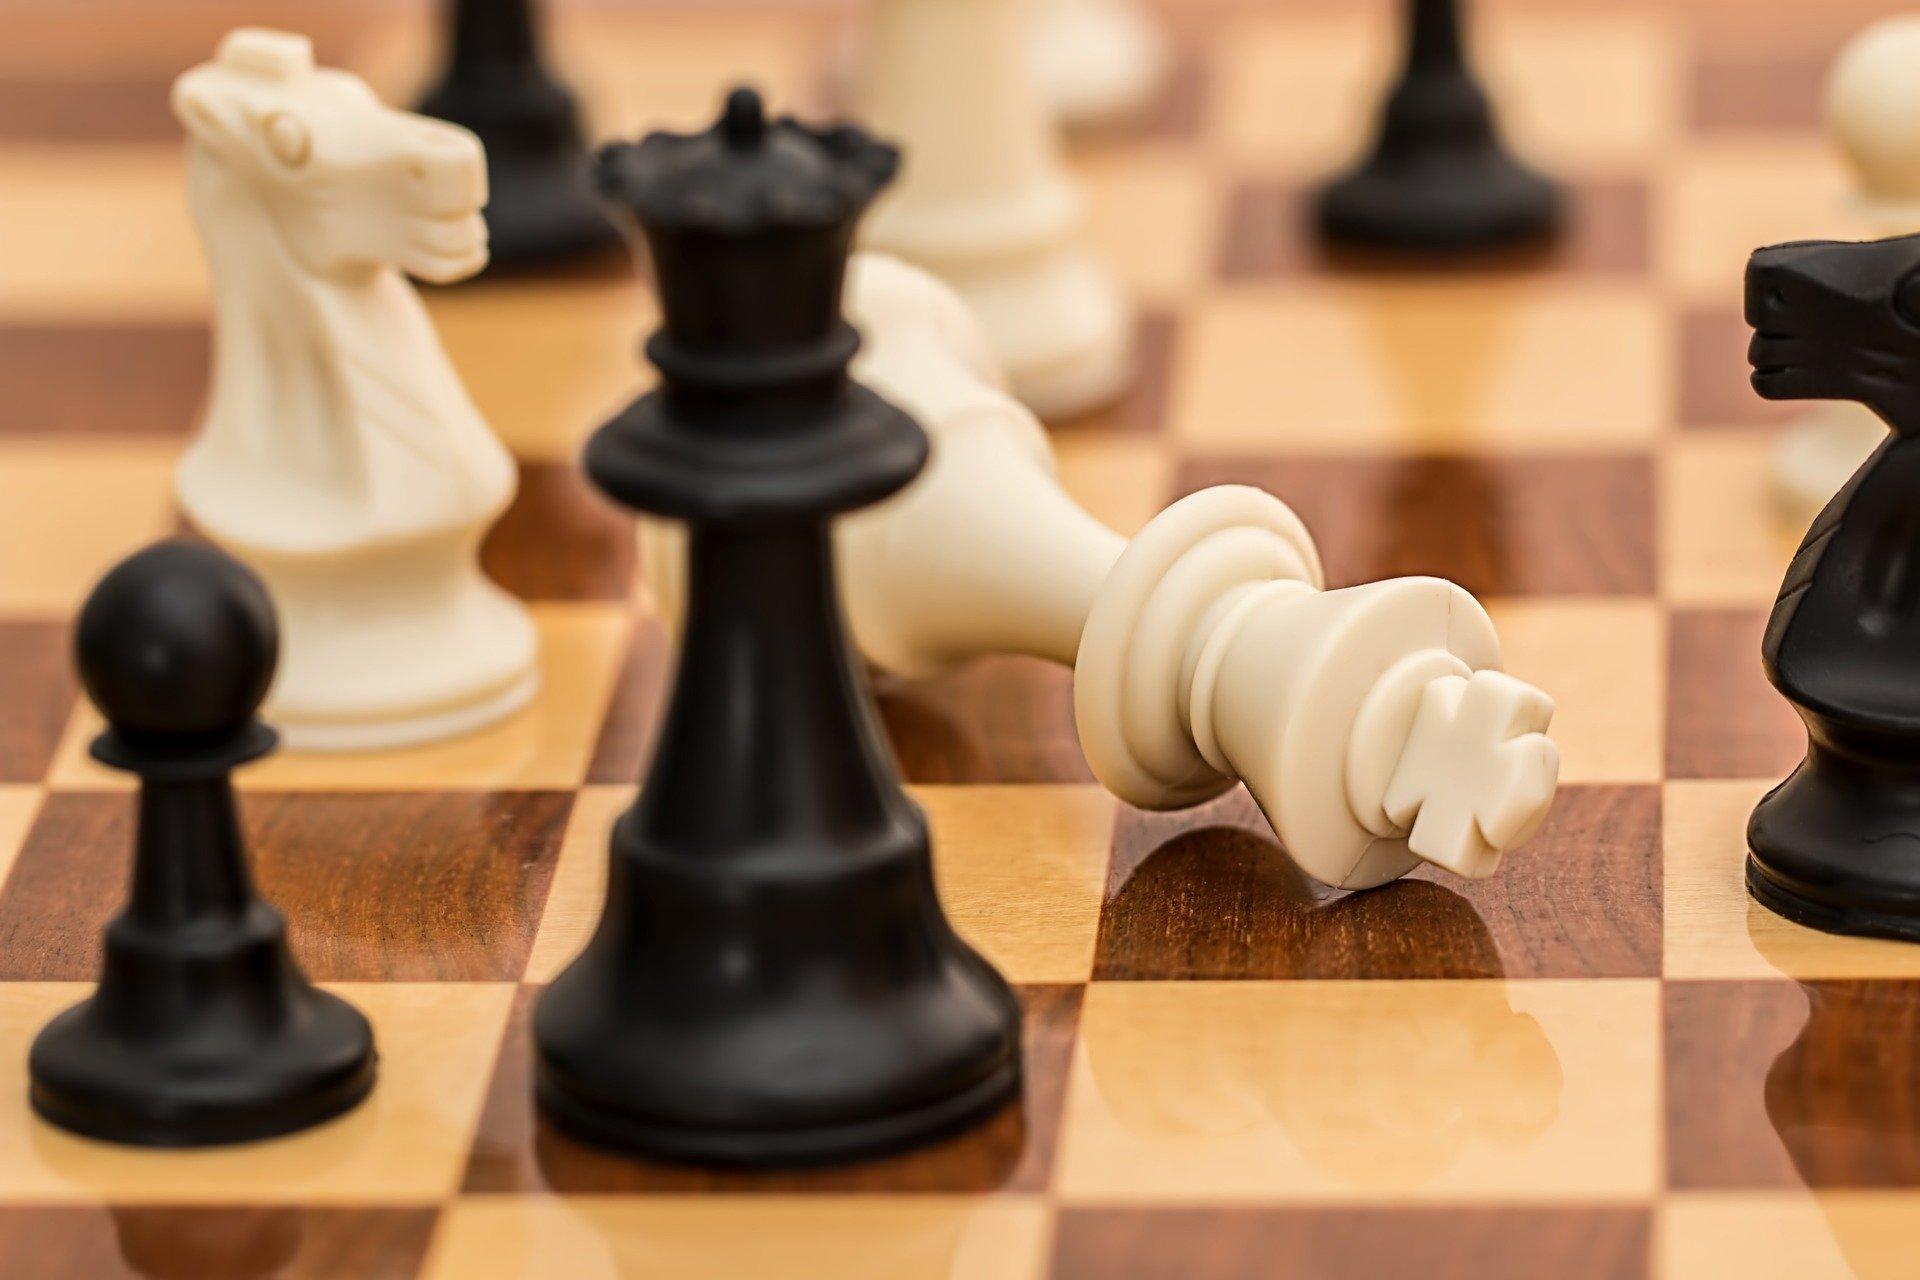 נשים מנהיגות מיוצגות בידי מלכה מנצחת בשחמט